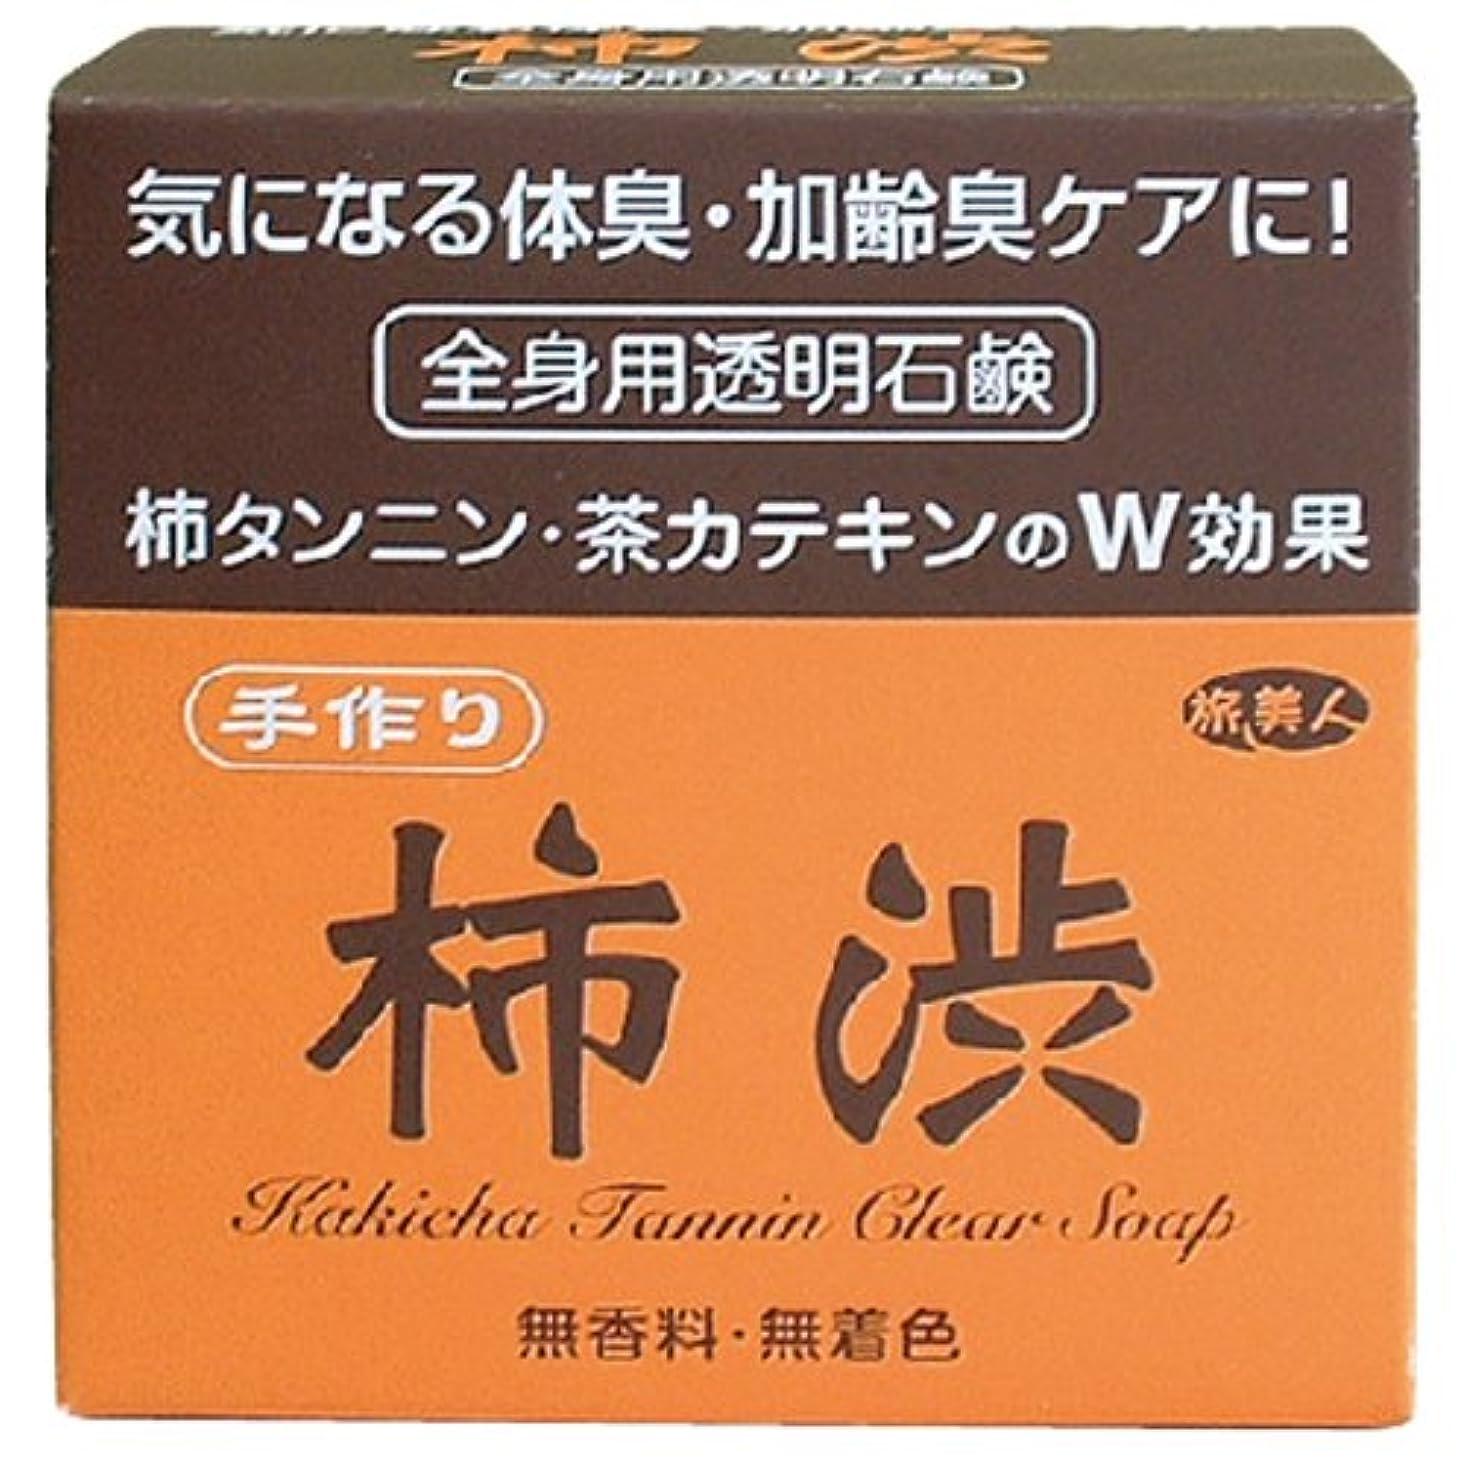 謙虚戦争栄養気になる体臭?加齢臭ケアに アズマ商事の手作り柿渋透明石鹸